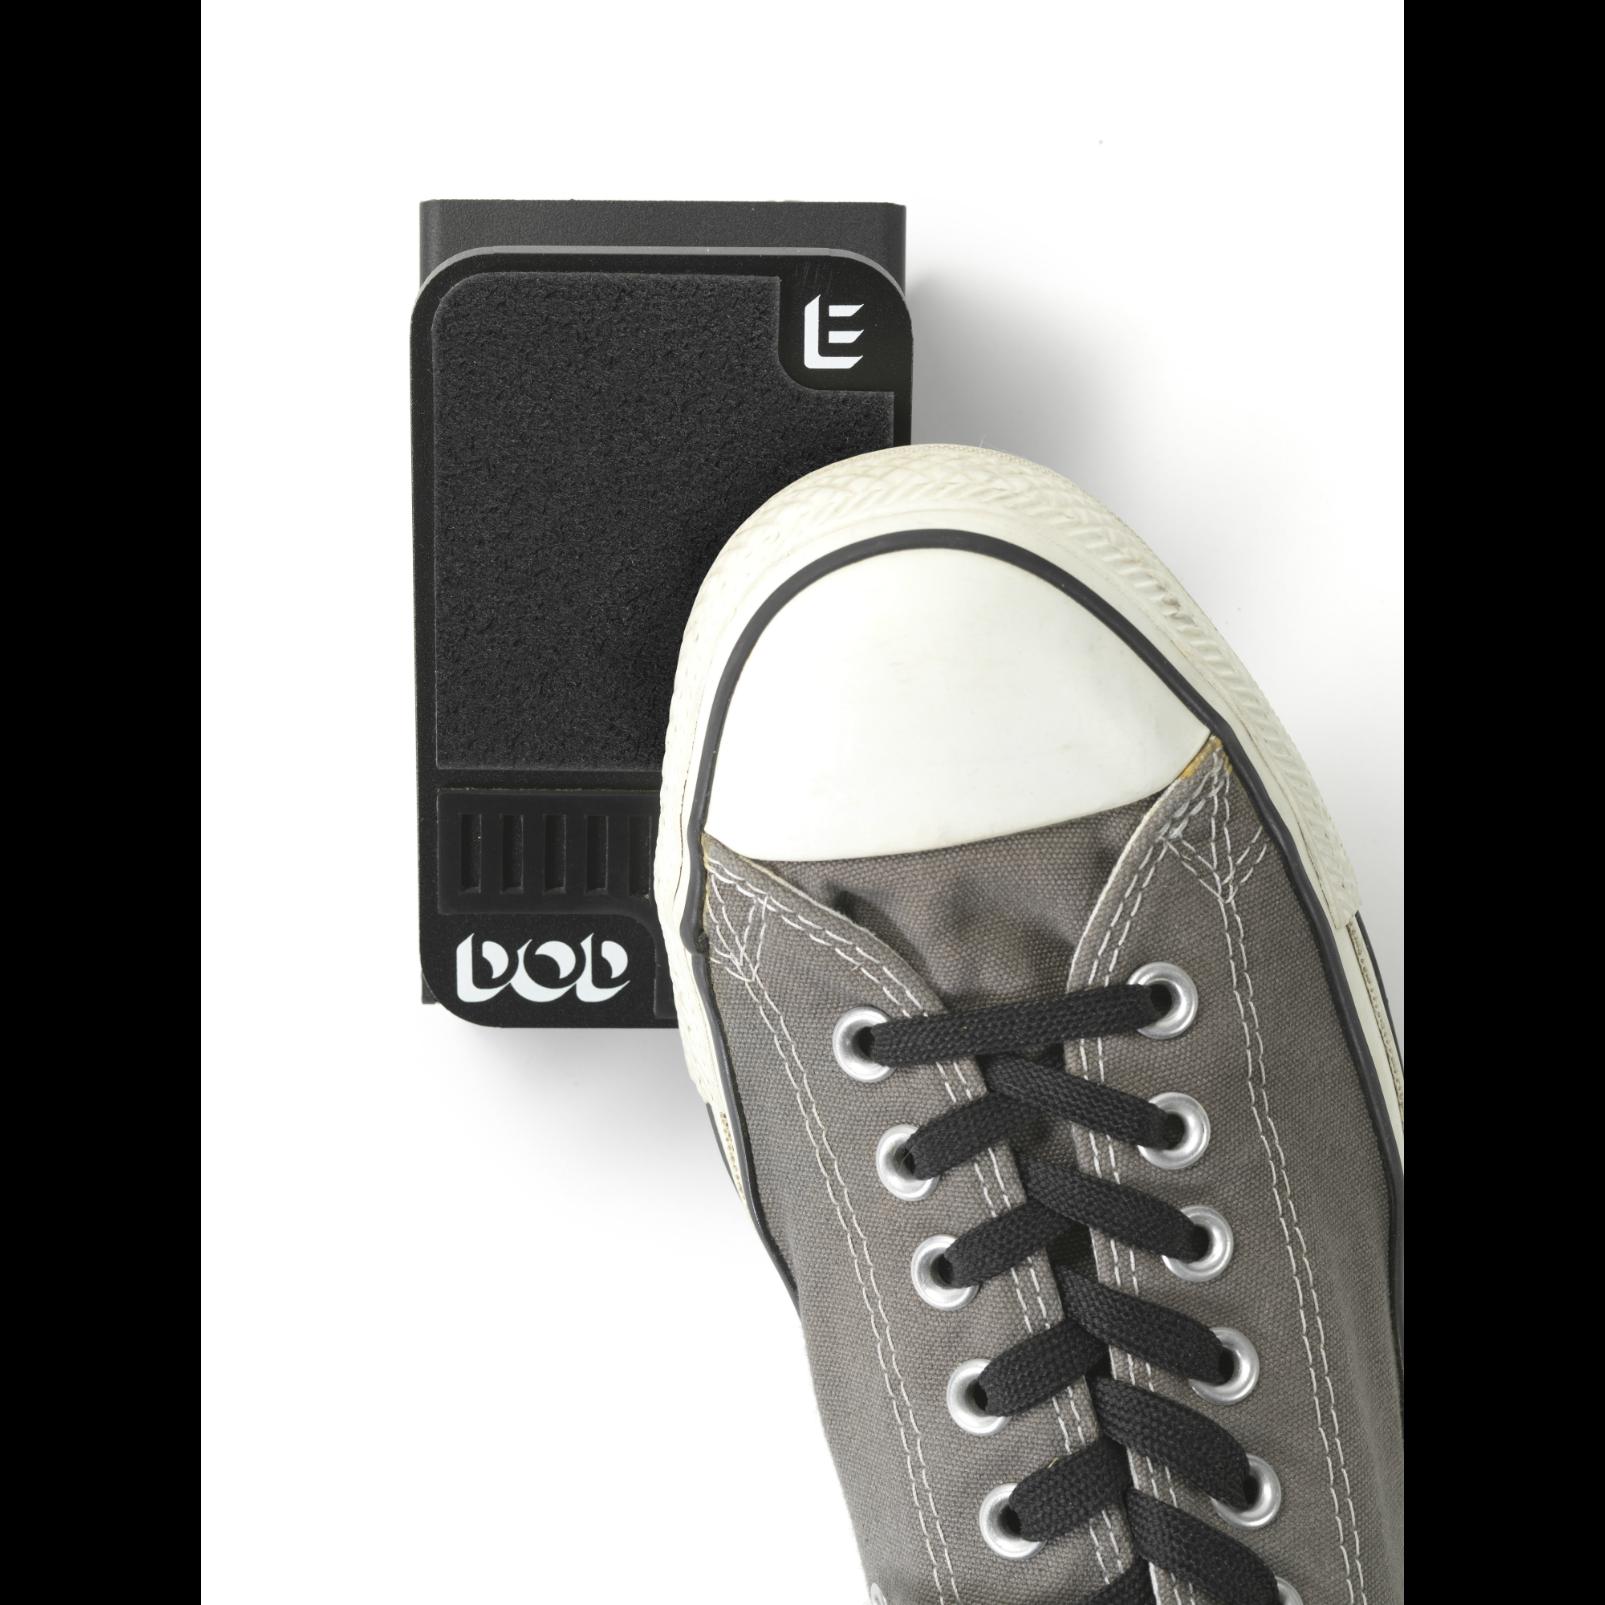 DOD Mini Expression - Black - Expression Pedal - Detailshot 1